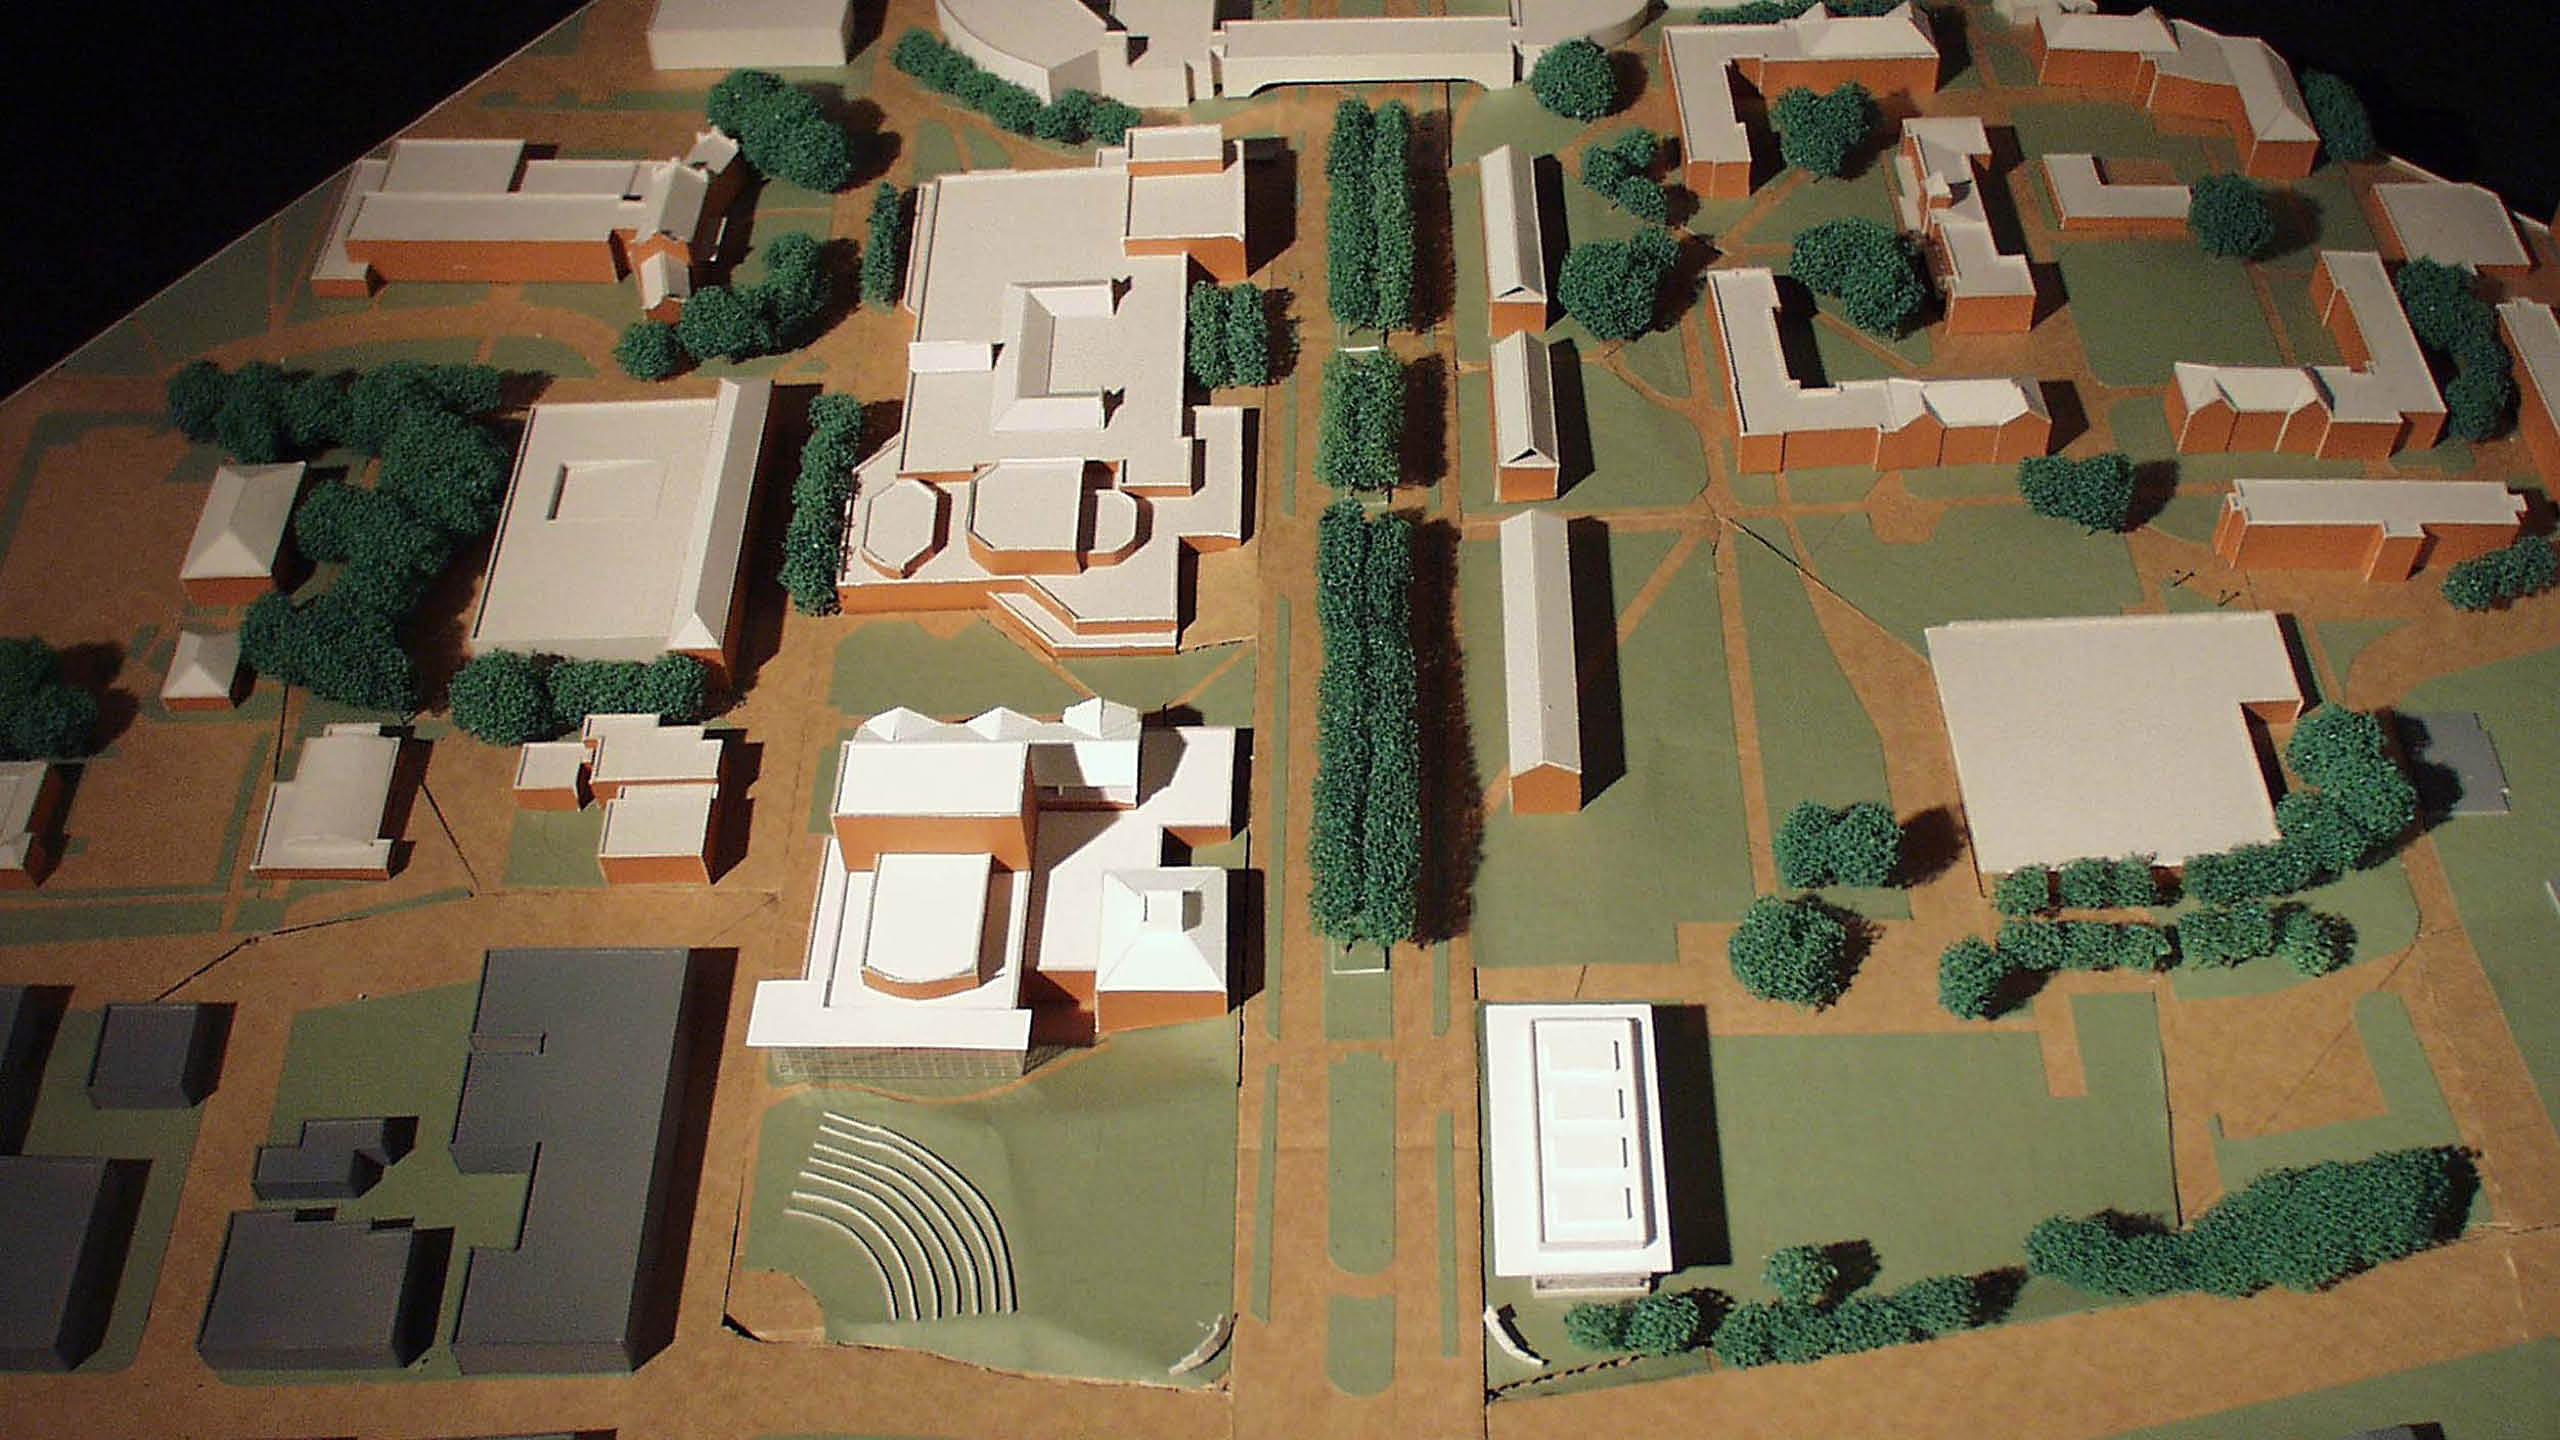 Arts Precinct Plan at Virginia Tech / image 4